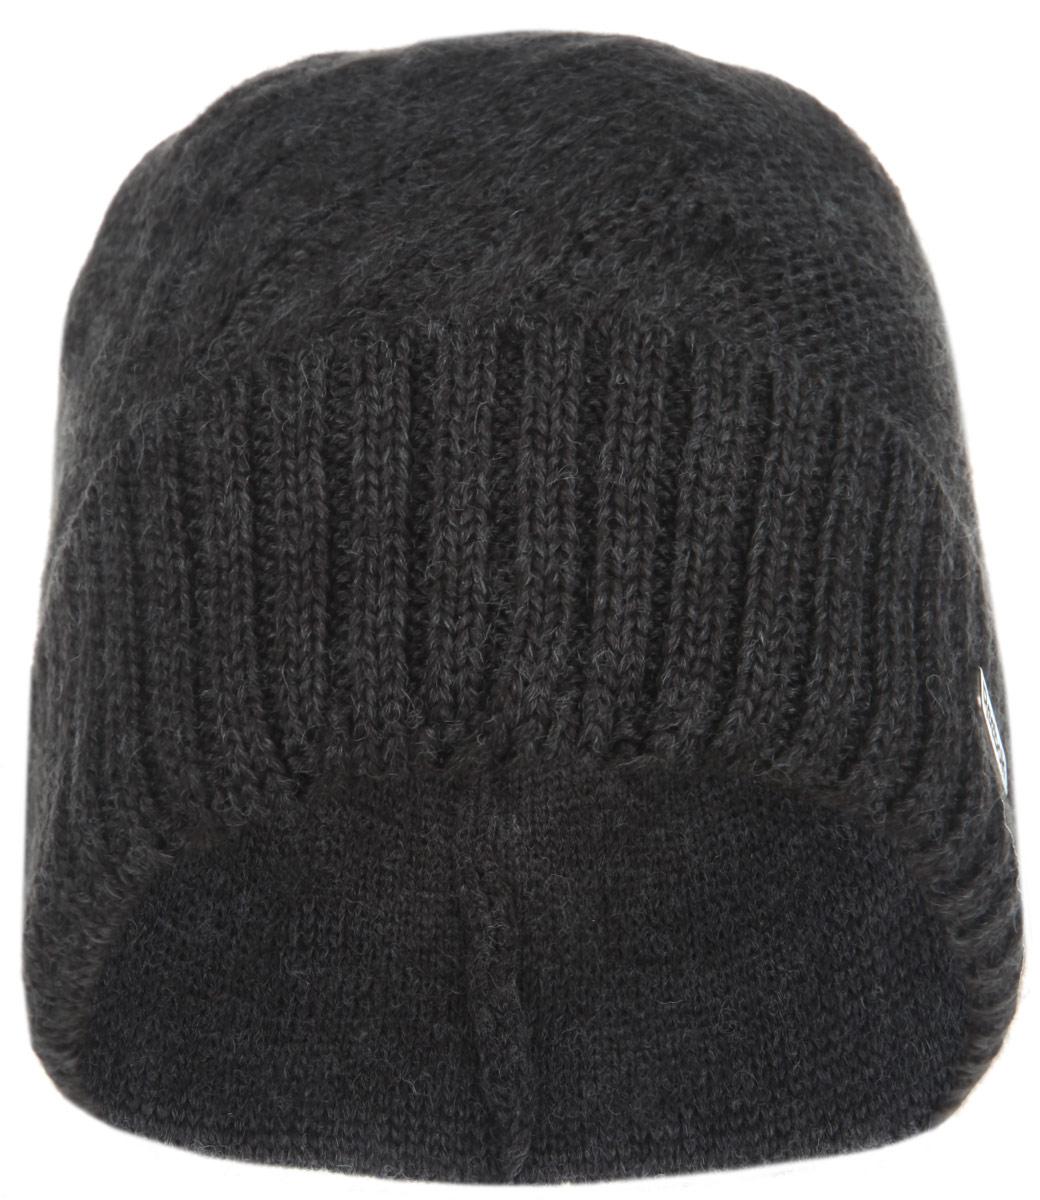 Шапка мужская. Z7180Z71802Мужская шапка Reebok - полушерстяная облегающая шапка, которая отлично дополнит ваш образ в холодную погоду. Сочетание акрила и шерсти максимально сохраняет тепло и обеспечивает удобную посадку. Низ изделия дополнен отворотом, связанным крупной резинкой. Оформлена шапка небольшой металлической пластиной с названием бренда. Такая шапка составит идеальный комплект с модной верхней одеждой, в ней вам будет уютно и тепло!